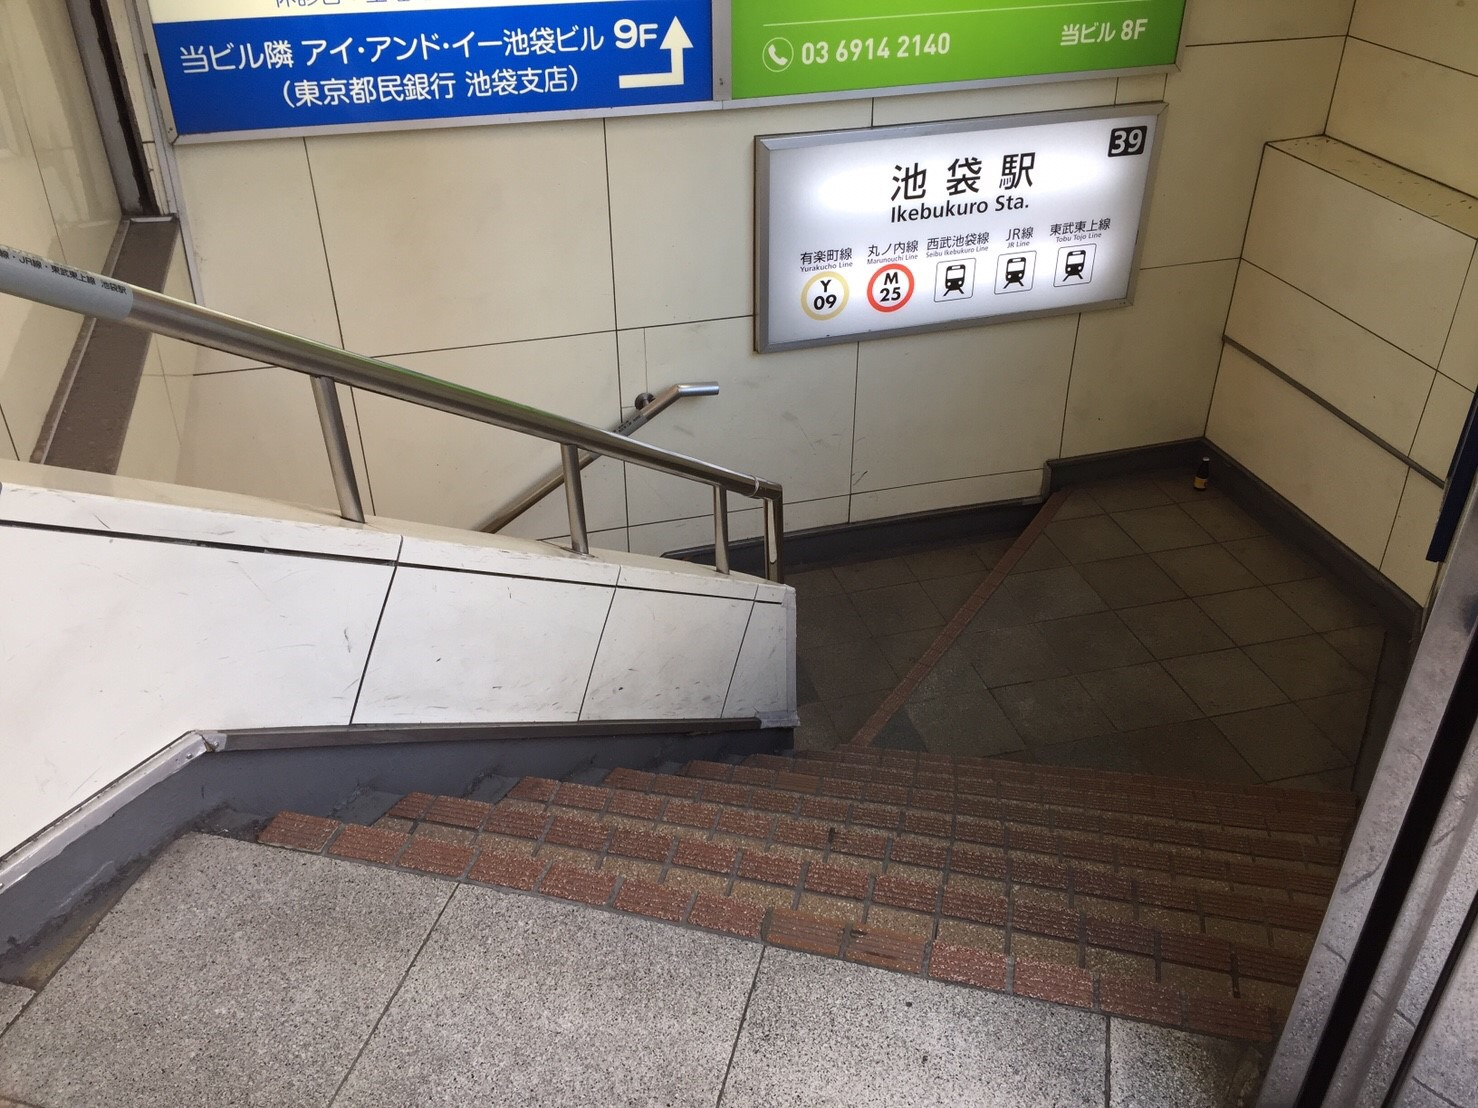 39番街駅 - 39th Avenue station (BMT Astoria Line) - JapaneseClass.jp